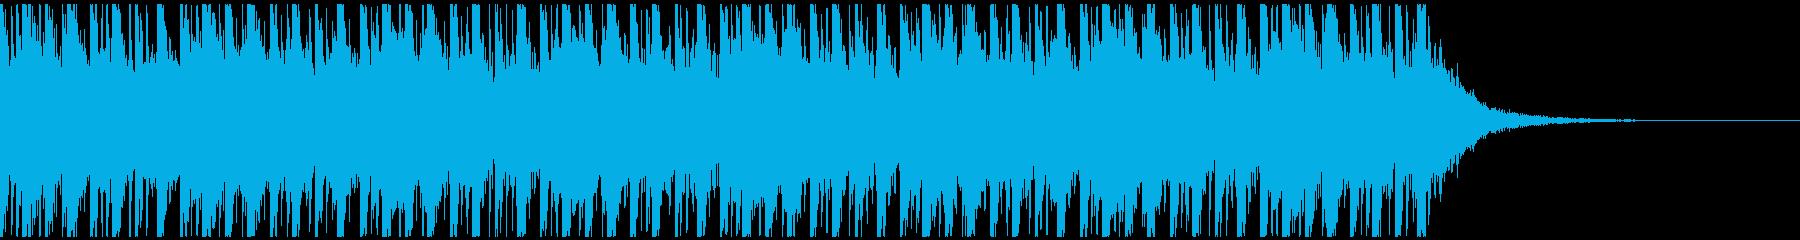 緊迫感のあるエレクトロです。の再生済みの波形